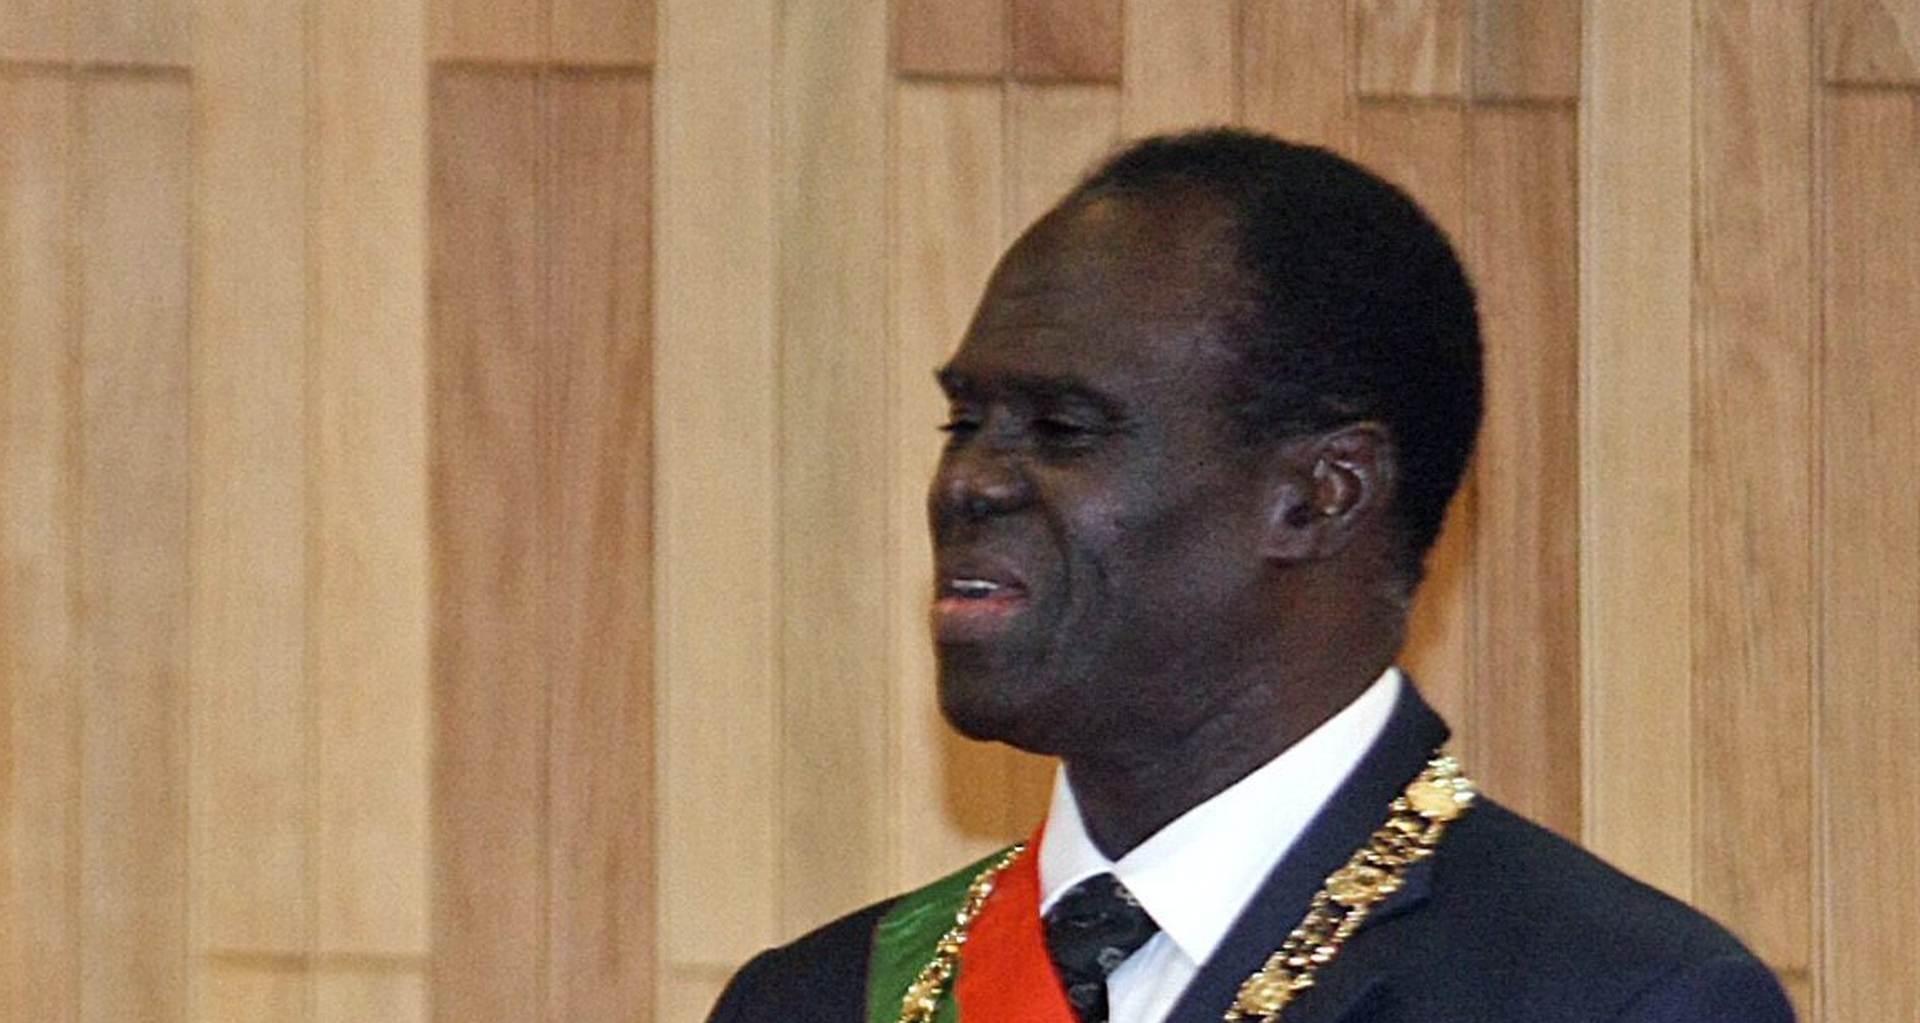 VOJNI UDAR: UN i SAD traže hitno oslobađanje predsjednika Burkine Faso